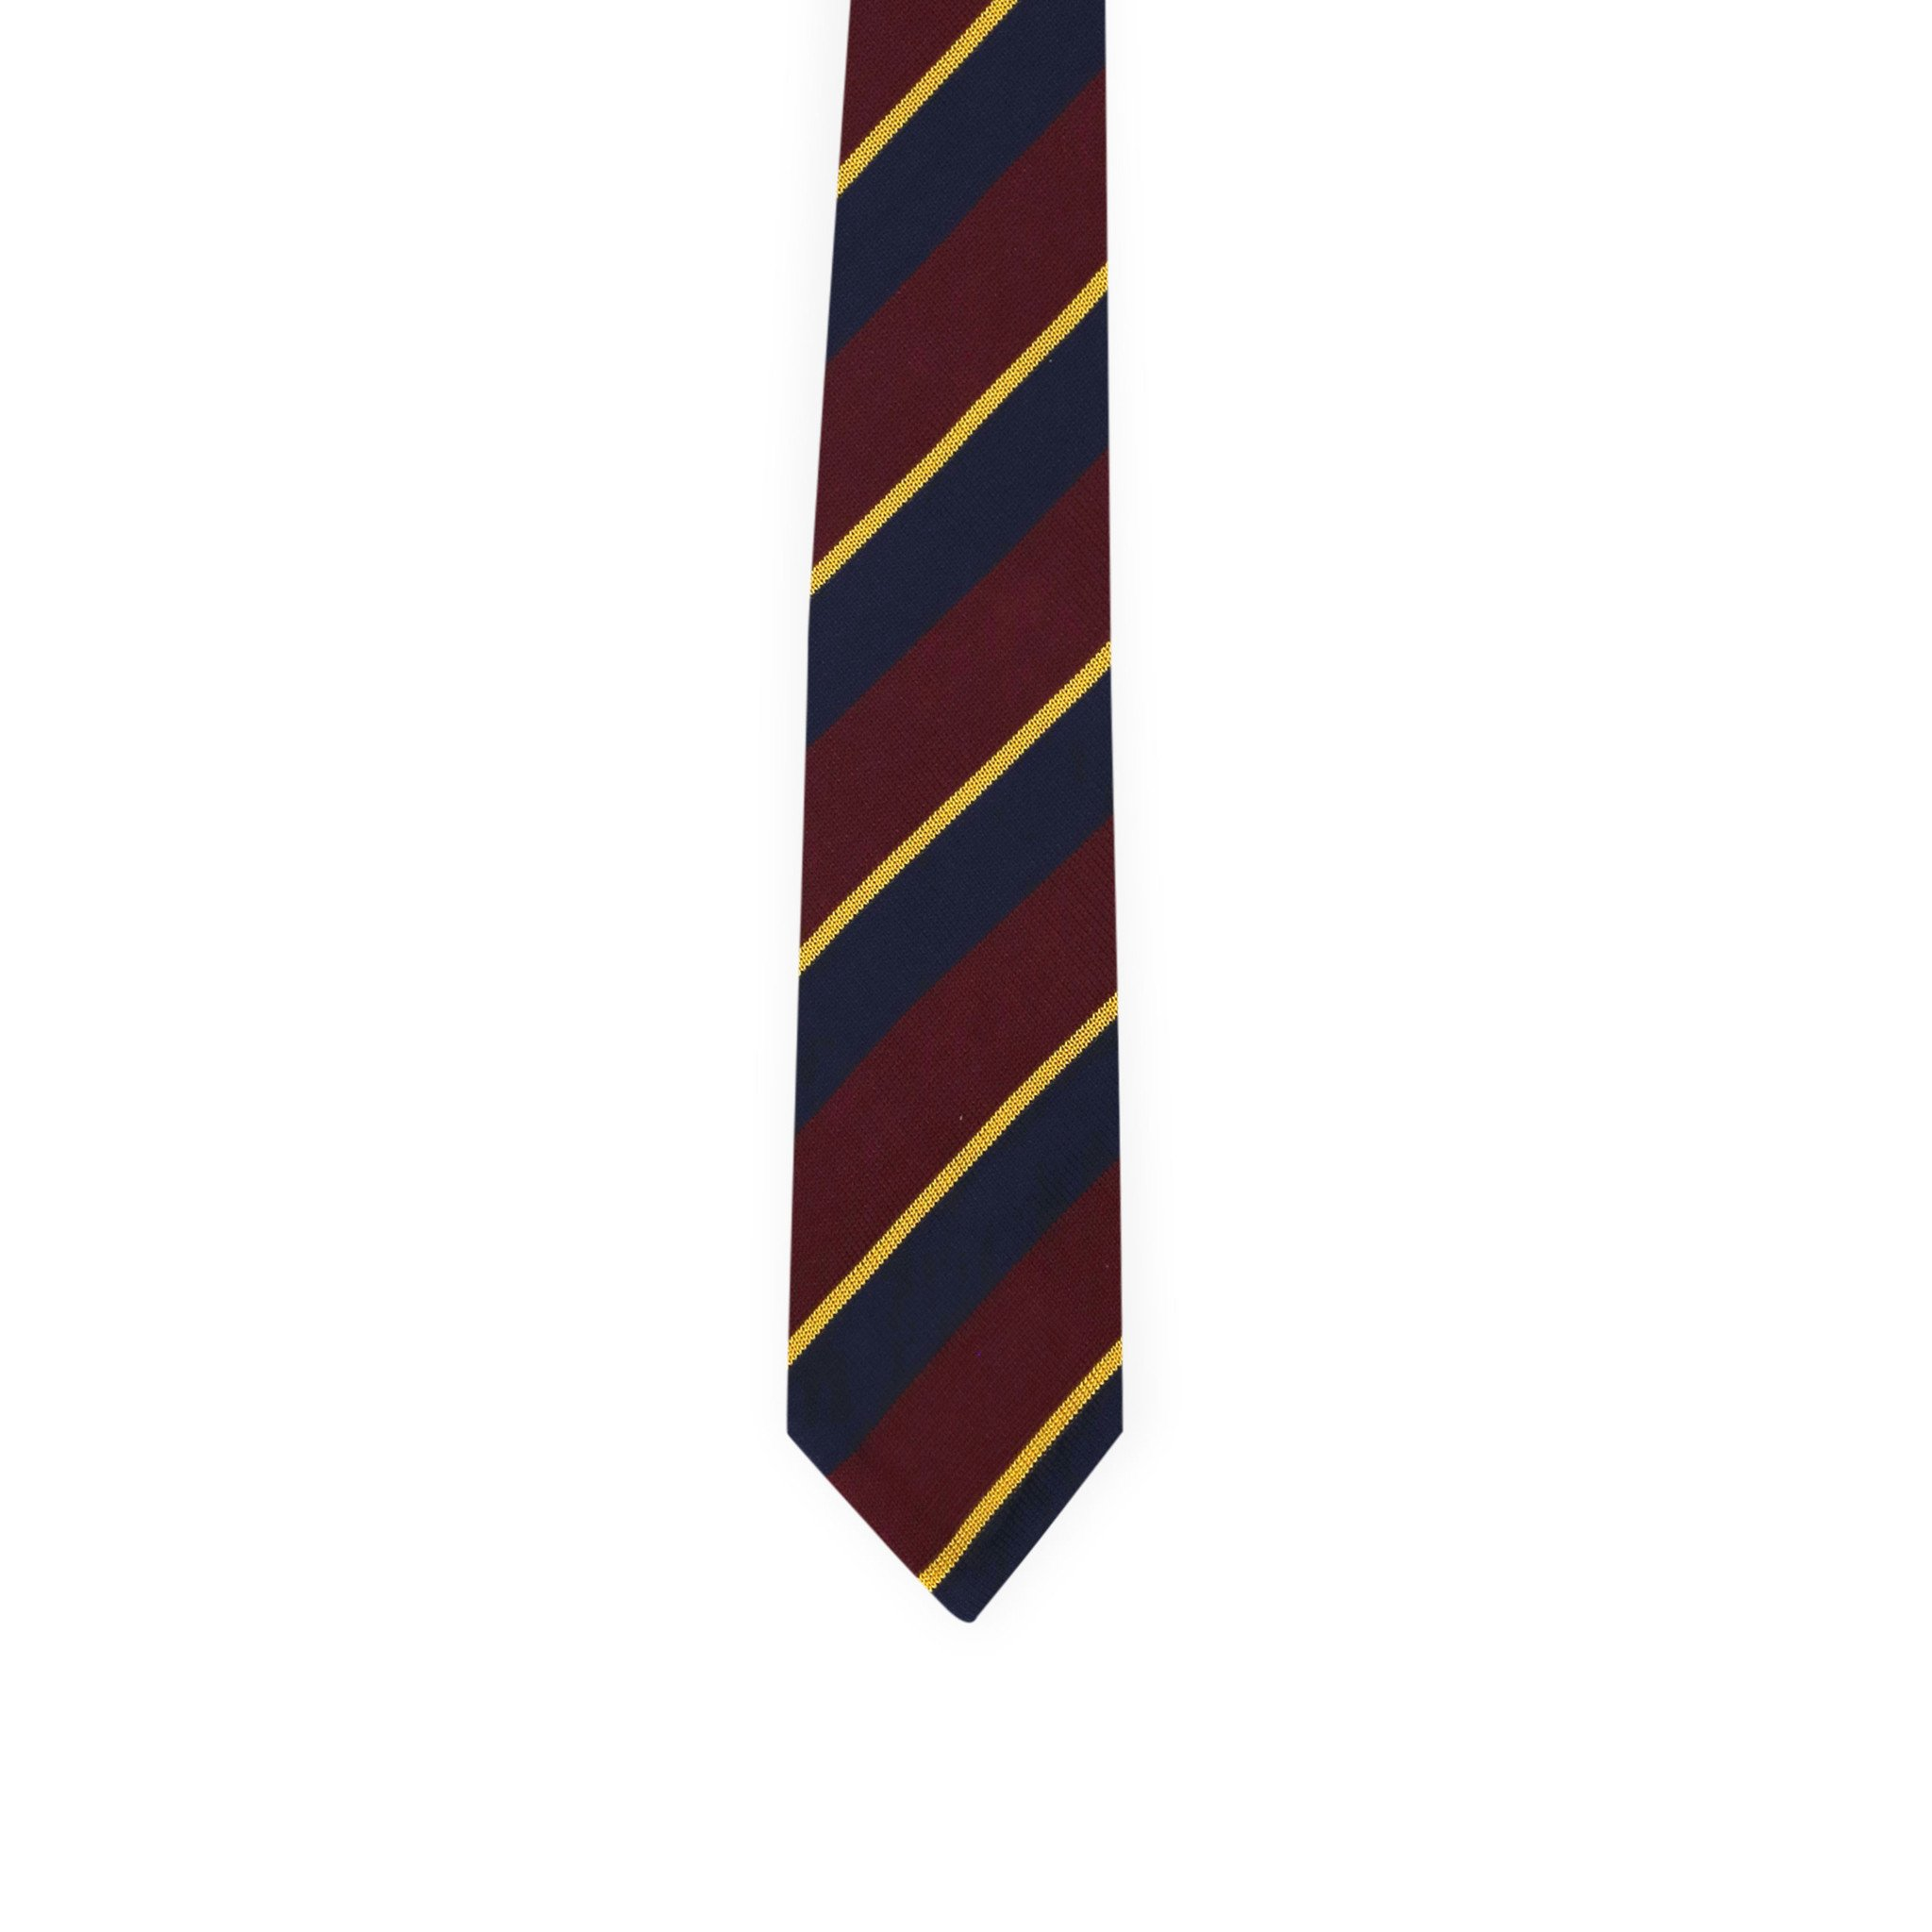 Diagonal regimental tie - burgundy & navy